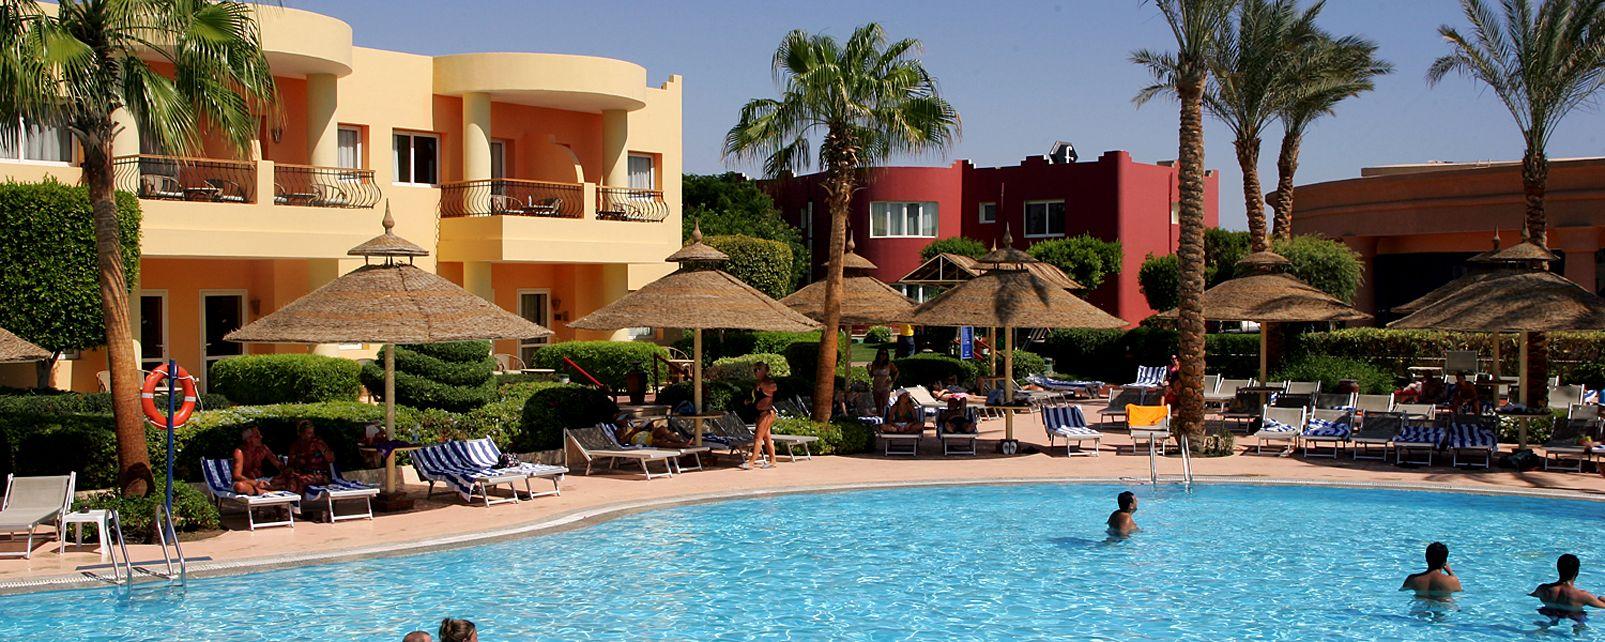 Hotel Sierra Savoy Resort